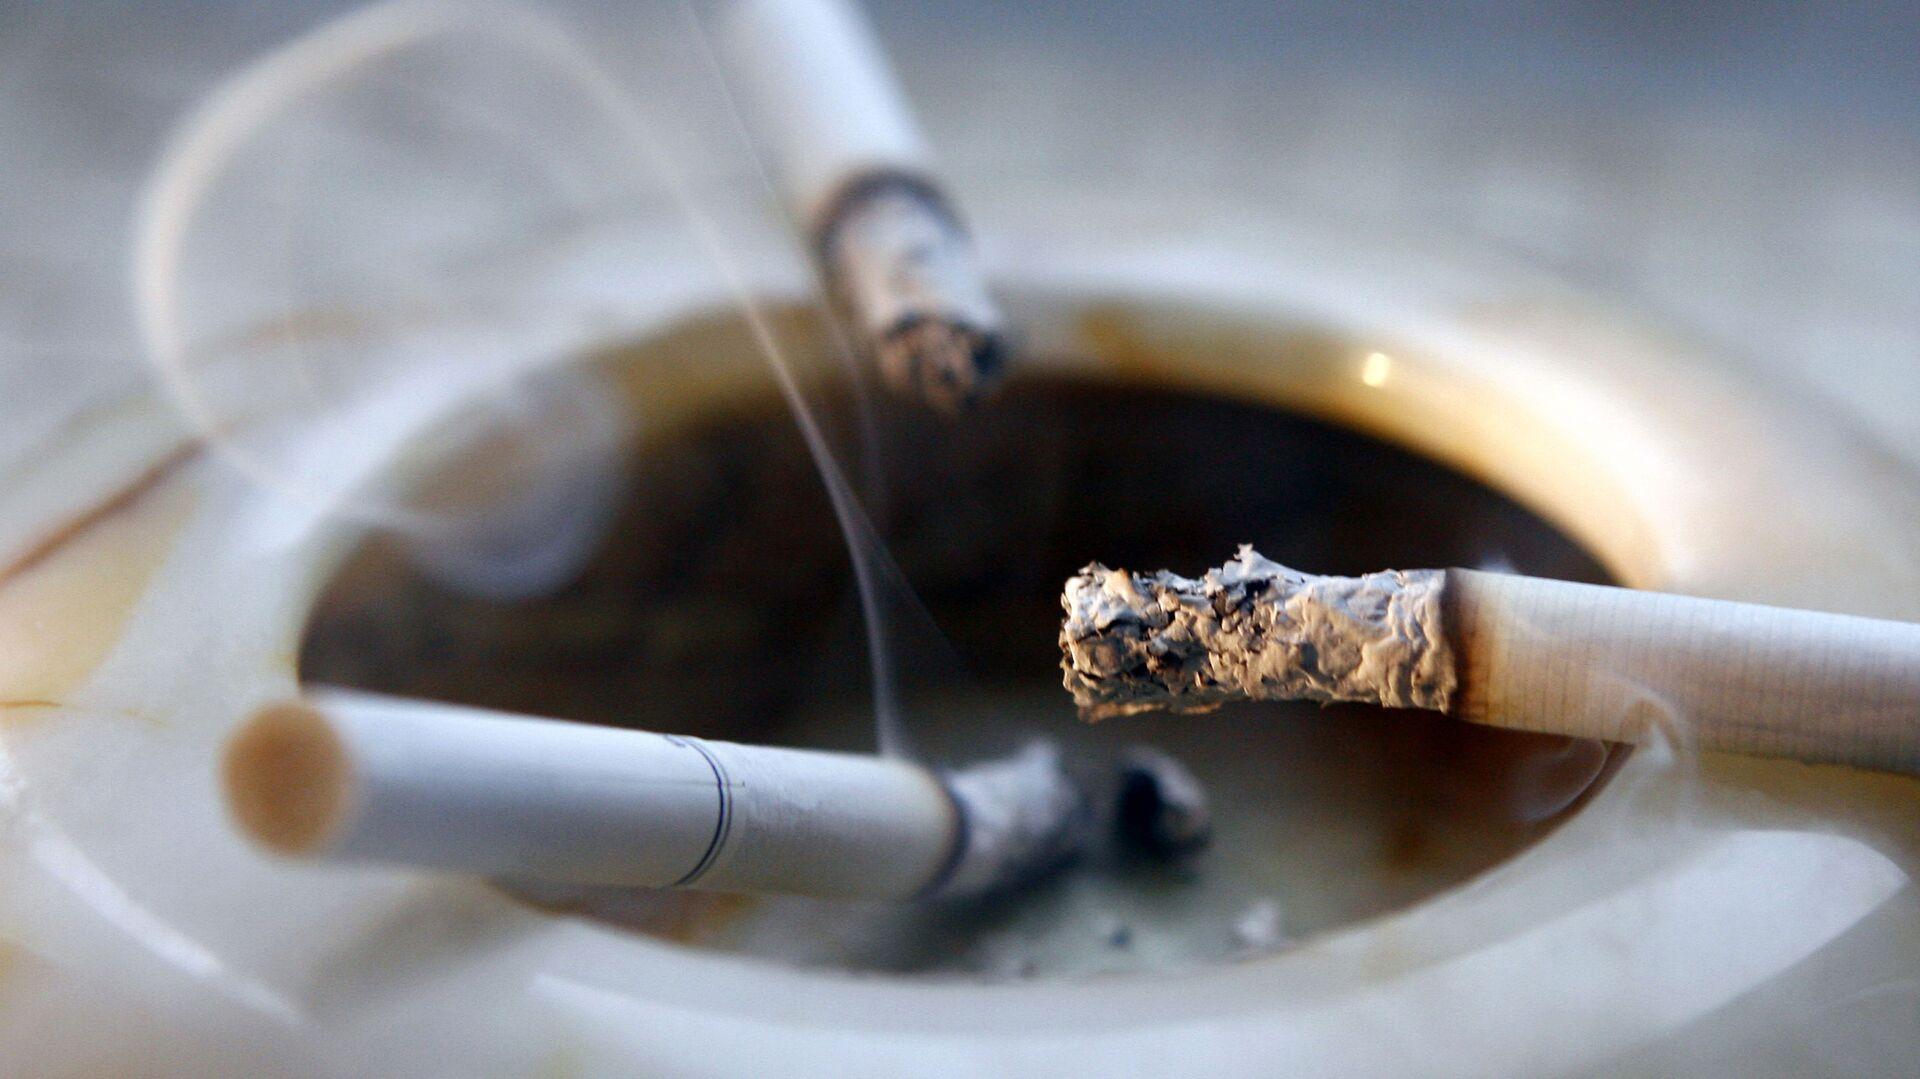 Пепельница с окурками. - Sputnik Узбекистан, 1920, 11.10.2021